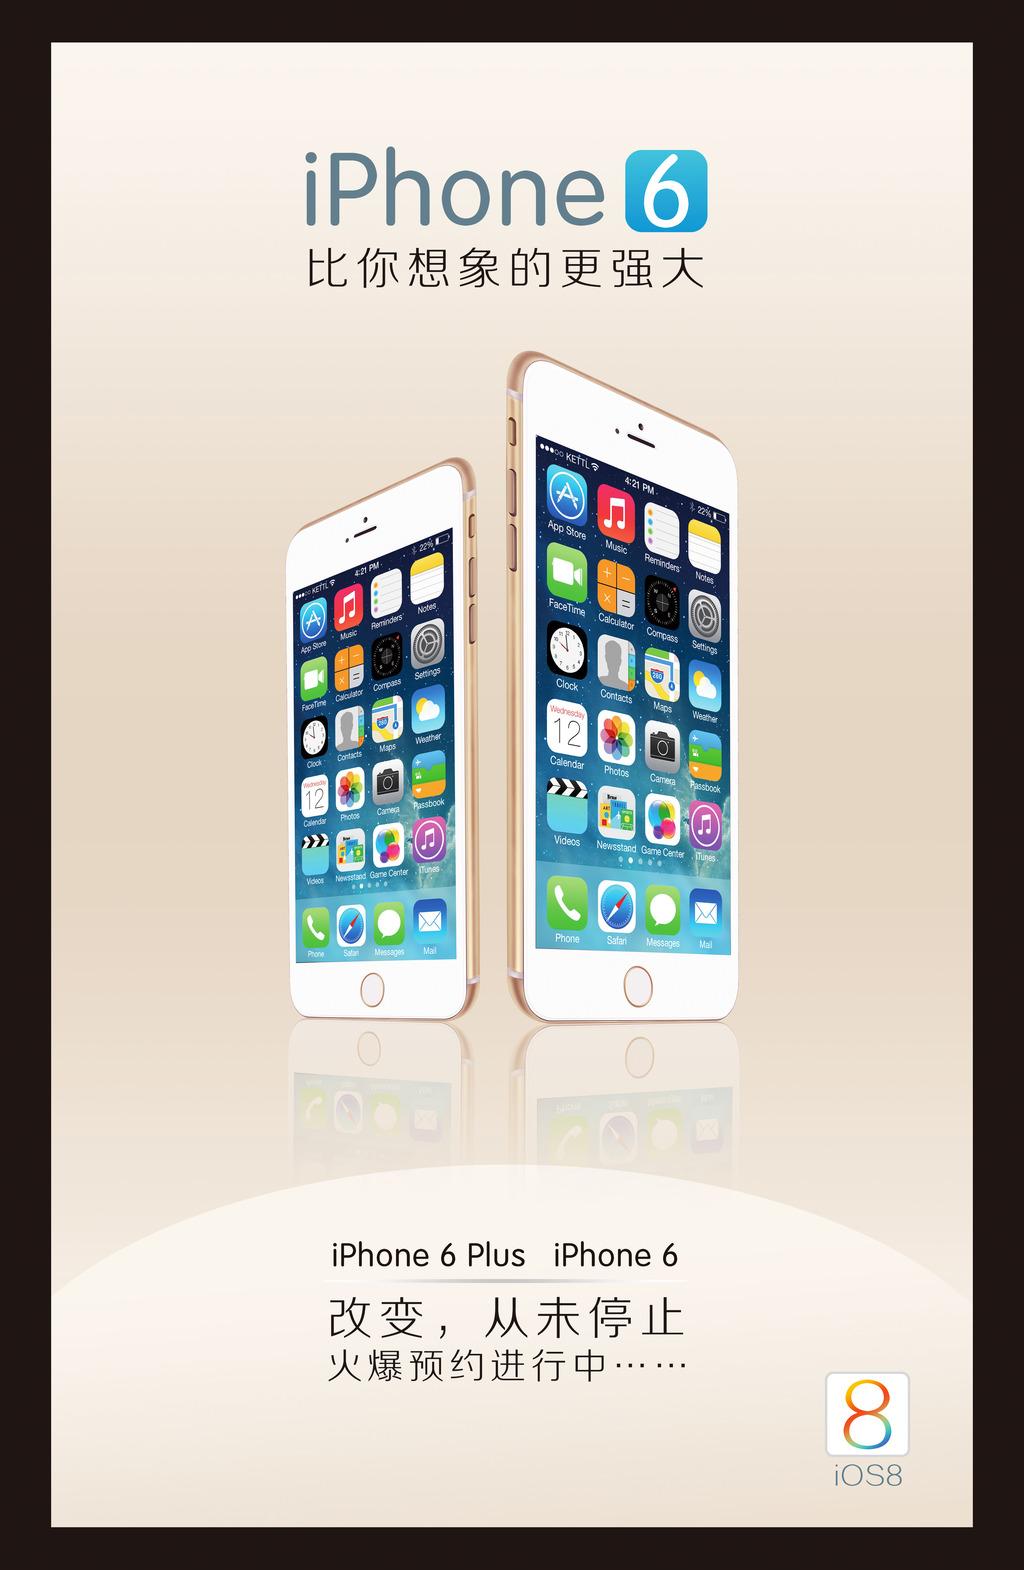 iphone6手机宣传海报模板下载 iphone6手机宣传海报图片下载 苹果6